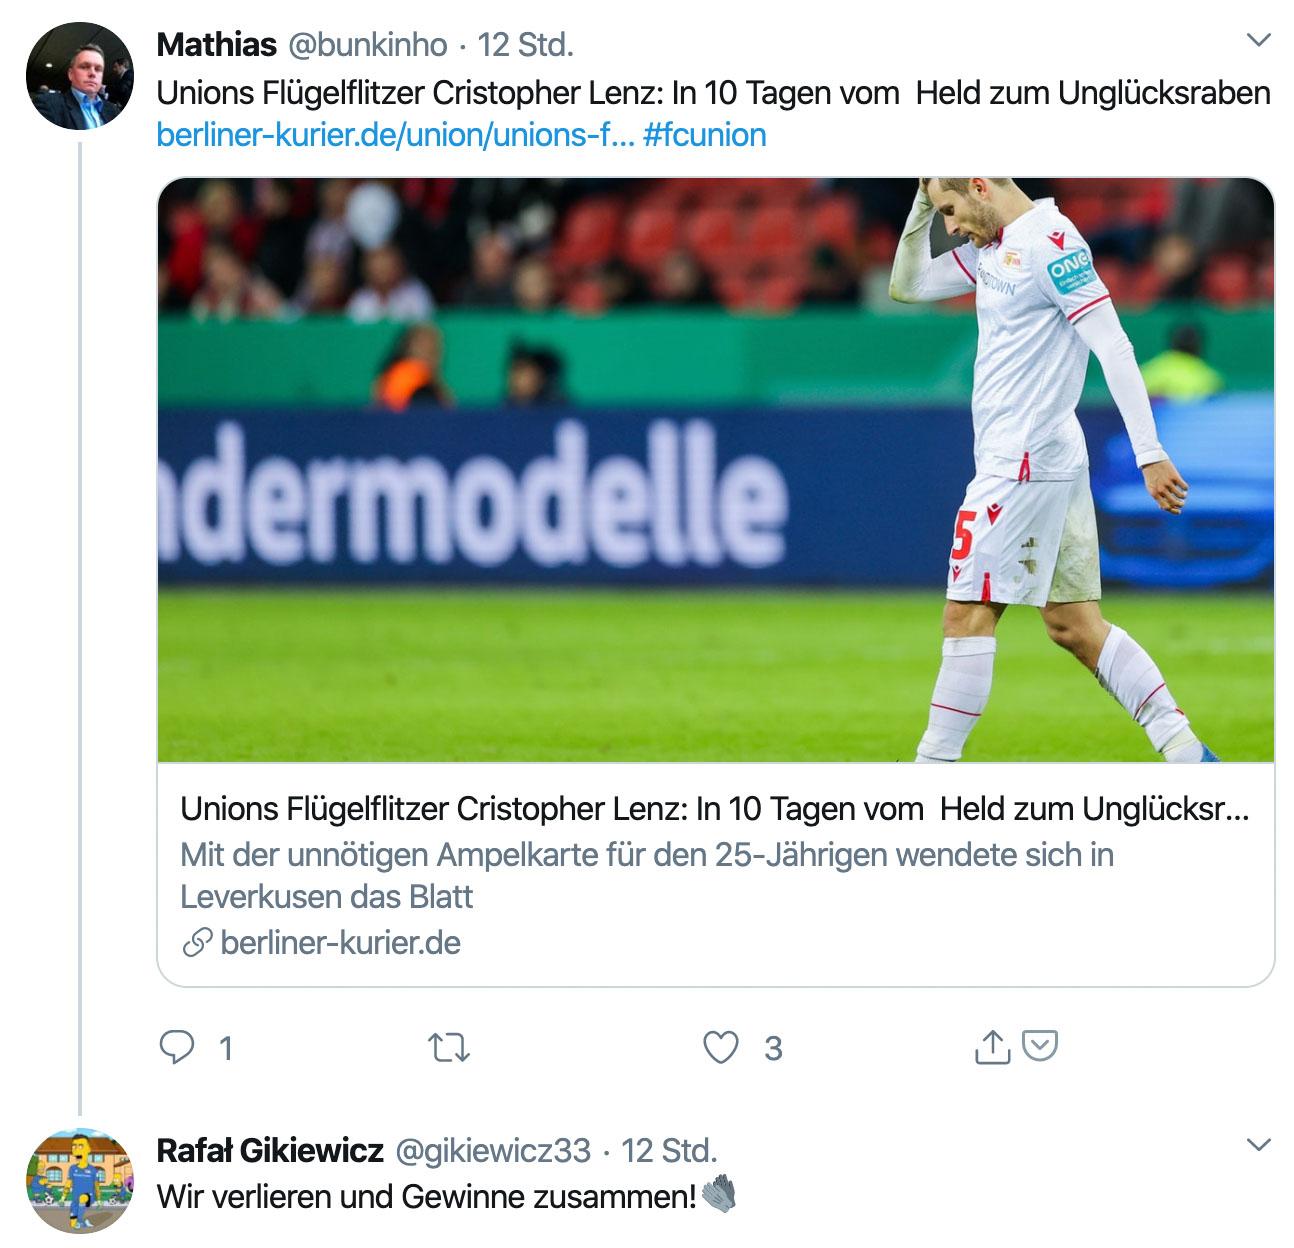 Rafal Gikiewicz twitterte mit Blick auf den Platzverweis von Christopher Lenz: Wir verlieren und gewinnen zusammen!